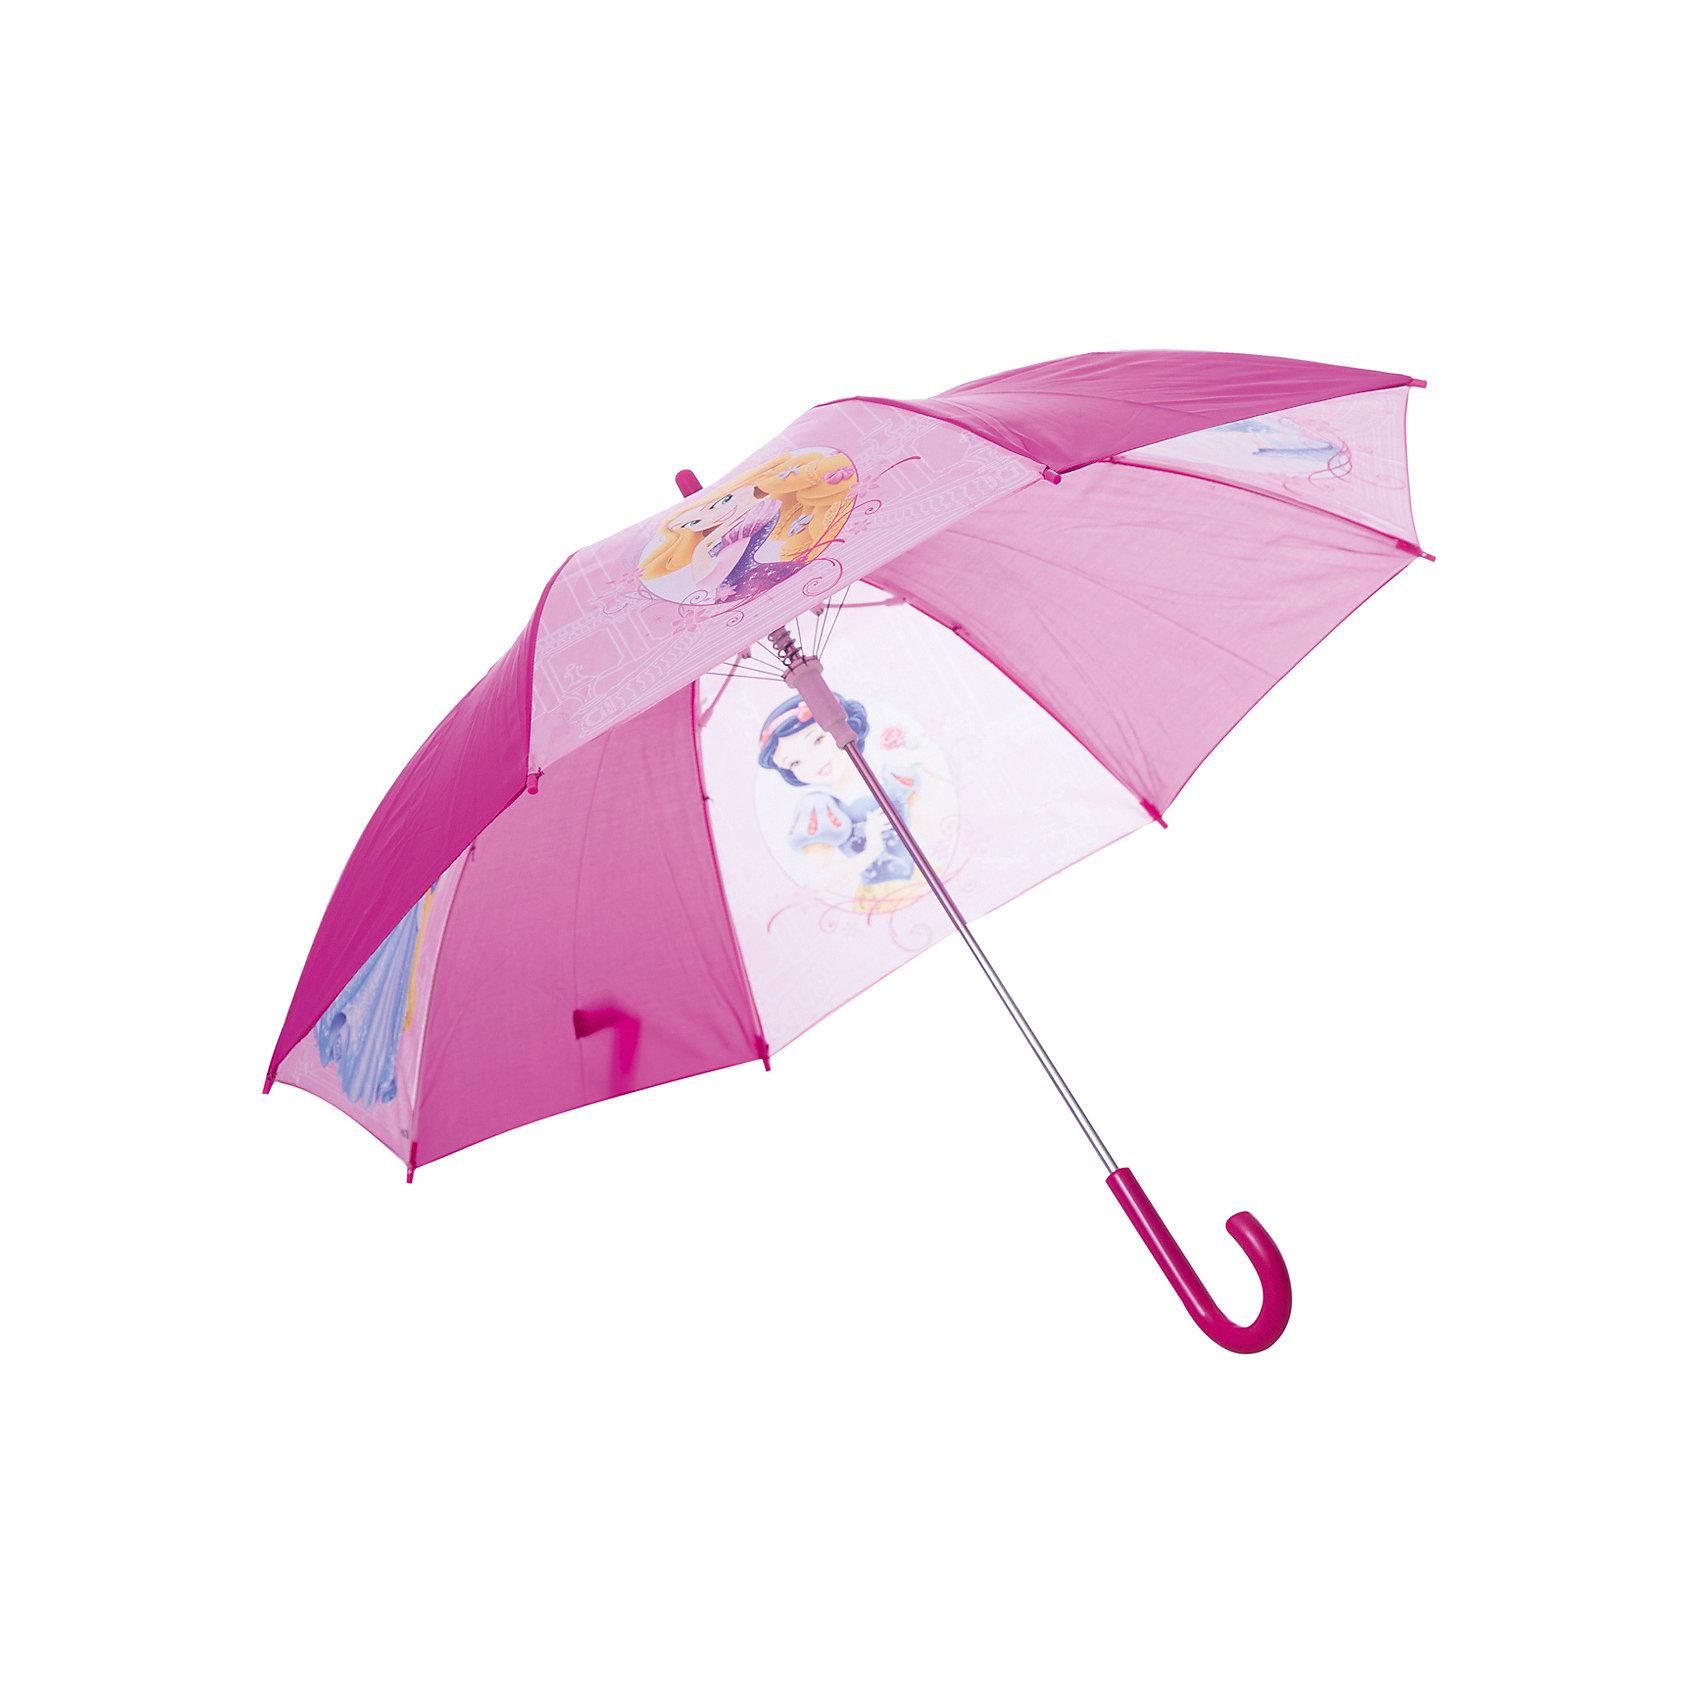 Зонт-трость 46 см, автоматический, фиолетовый, Disney PrincessКомпактный детский зонтик-трость станет замечательным подарком для Вашего чада и защитит его не только от дождя, но и от солнца. Красочный дизайн зонтика поднимет настроение и станет незаменимым атрибутом прогулки. Ребенок сможет сам открывать и закрывать зонтик, благодаря легкому механизму, а оригинальная расцветка зонтика привлечет к себе внимание. Тип механизма: автоматический (открывается автом/закрывается вручную). Конструкция зонта: зонт-трость. Материал: пластик, полиэстер, металл.<br>Диаметр купола: 82 см<br><br>Ширина мм: 85<br>Глубина мм: 50<br>Высота мм: 650<br>Вес г: 240<br>Возраст от месяцев: 36<br>Возраст до месяцев: 36<br>Пол: Женский<br>Возраст: Детский<br>SKU: 5529354